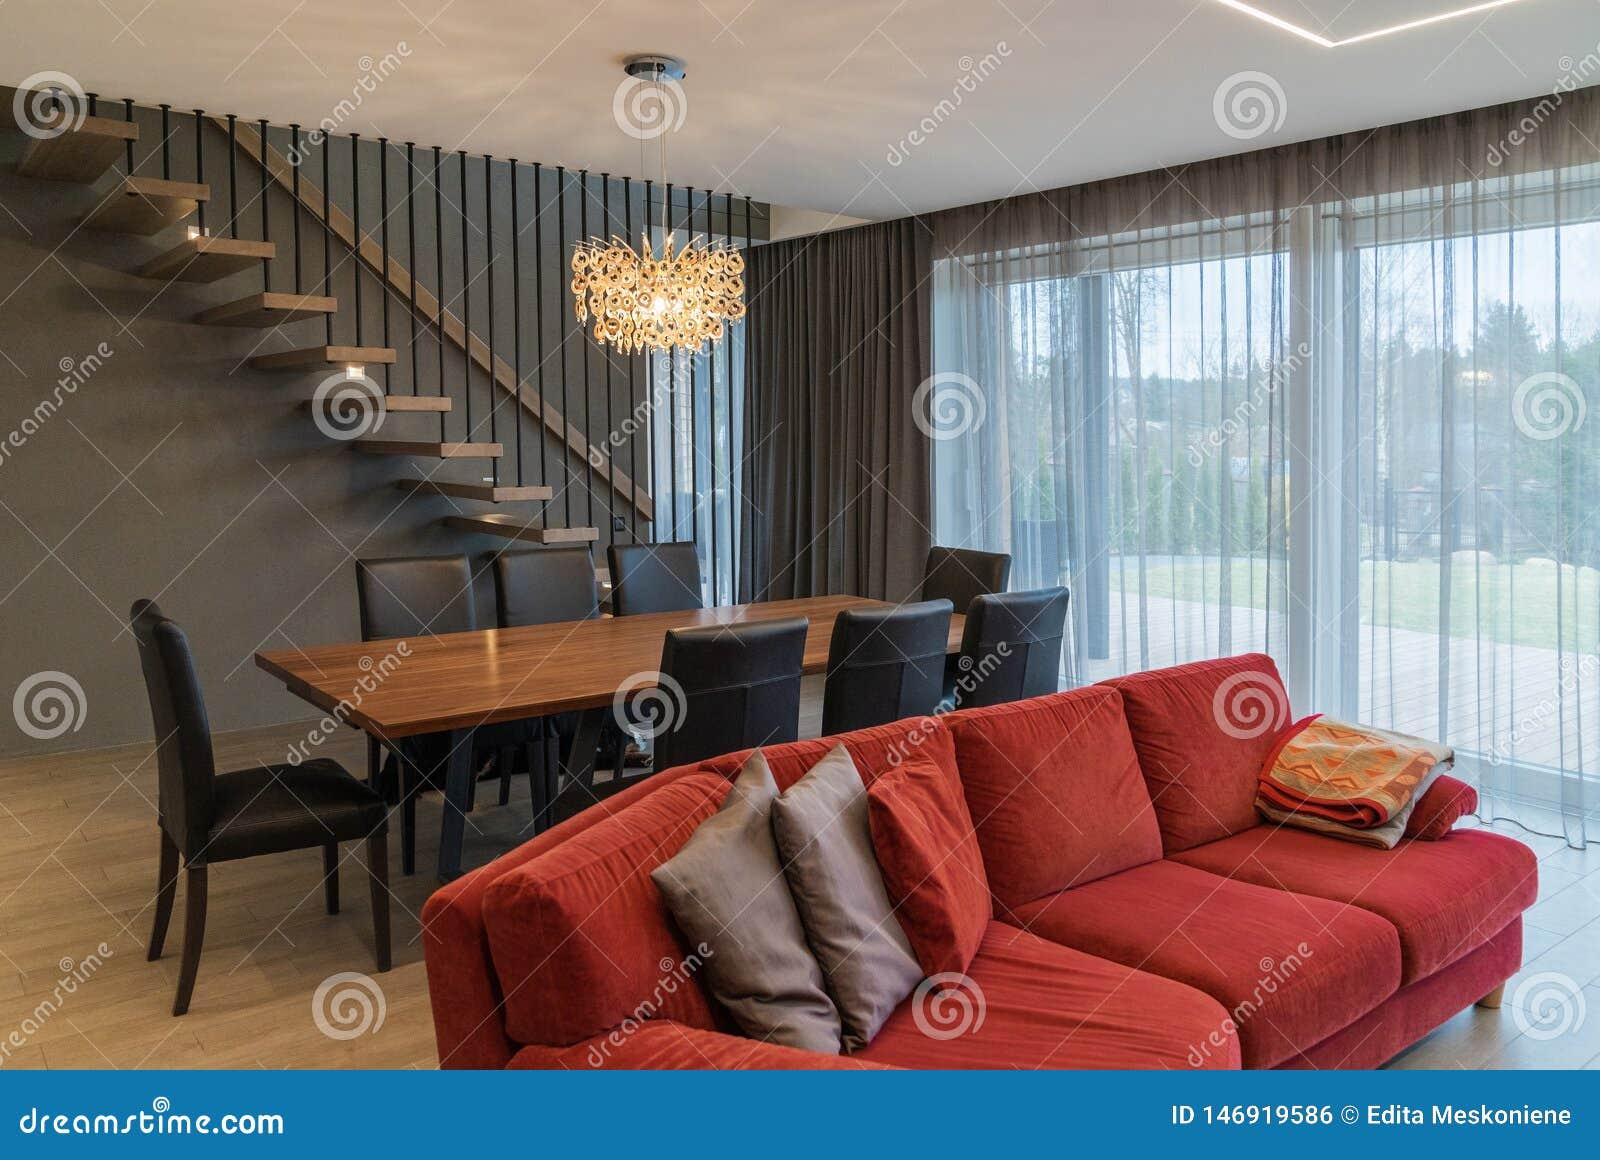 Comedor y sala de estar dentro de la casa moderna